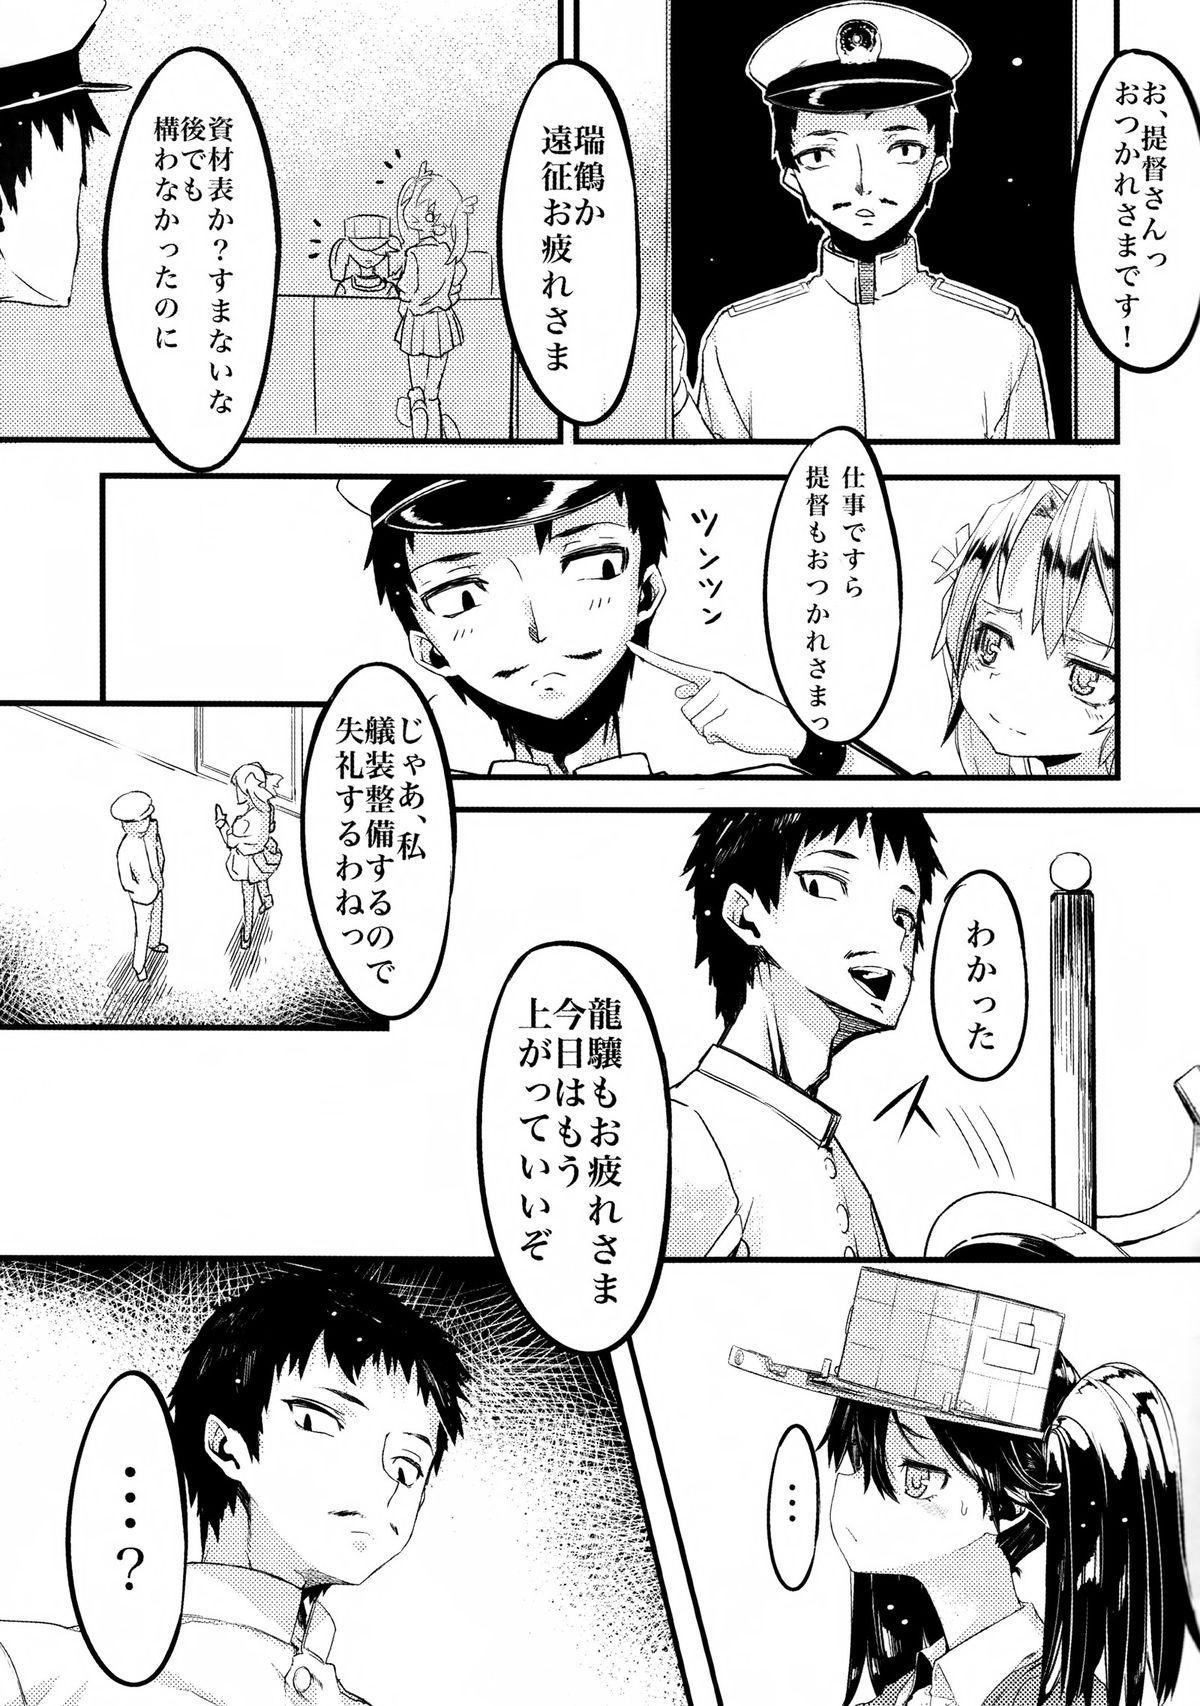 Ryuujou to Junai shi Taosu Hon 3